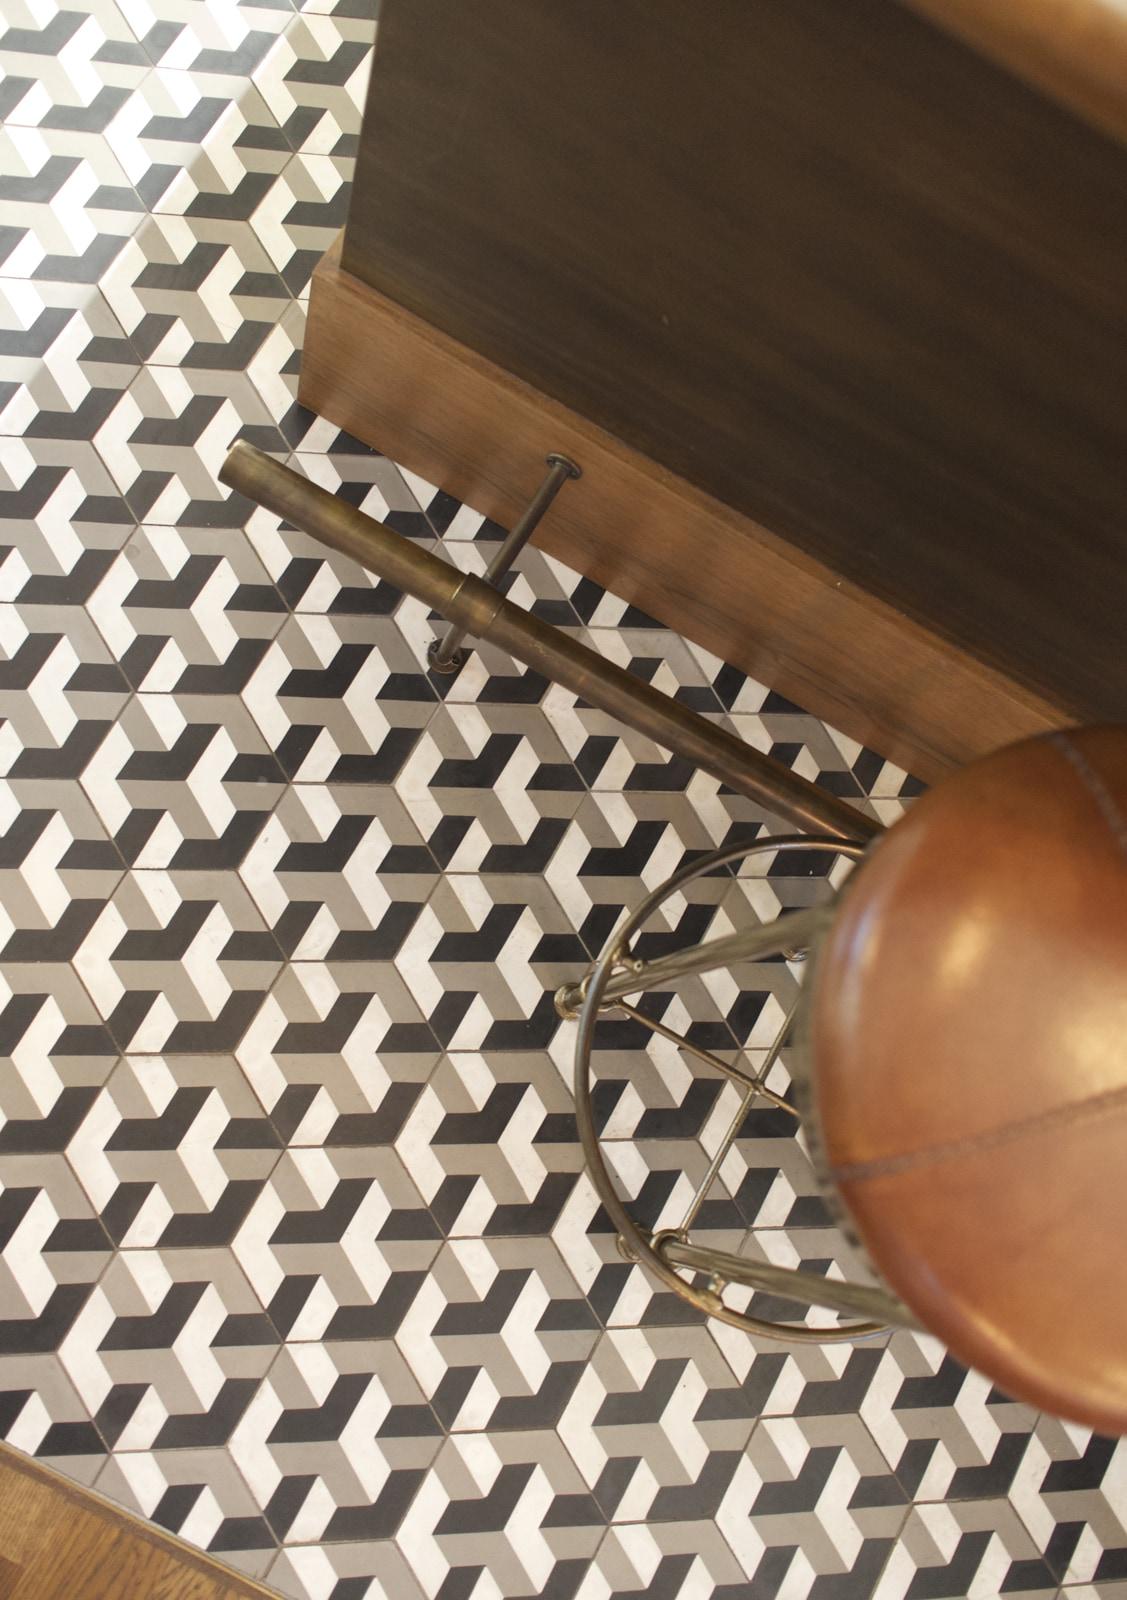 Coworkingspace-Berlin-zementfliesen-muster-600354-viaplatten | 600354